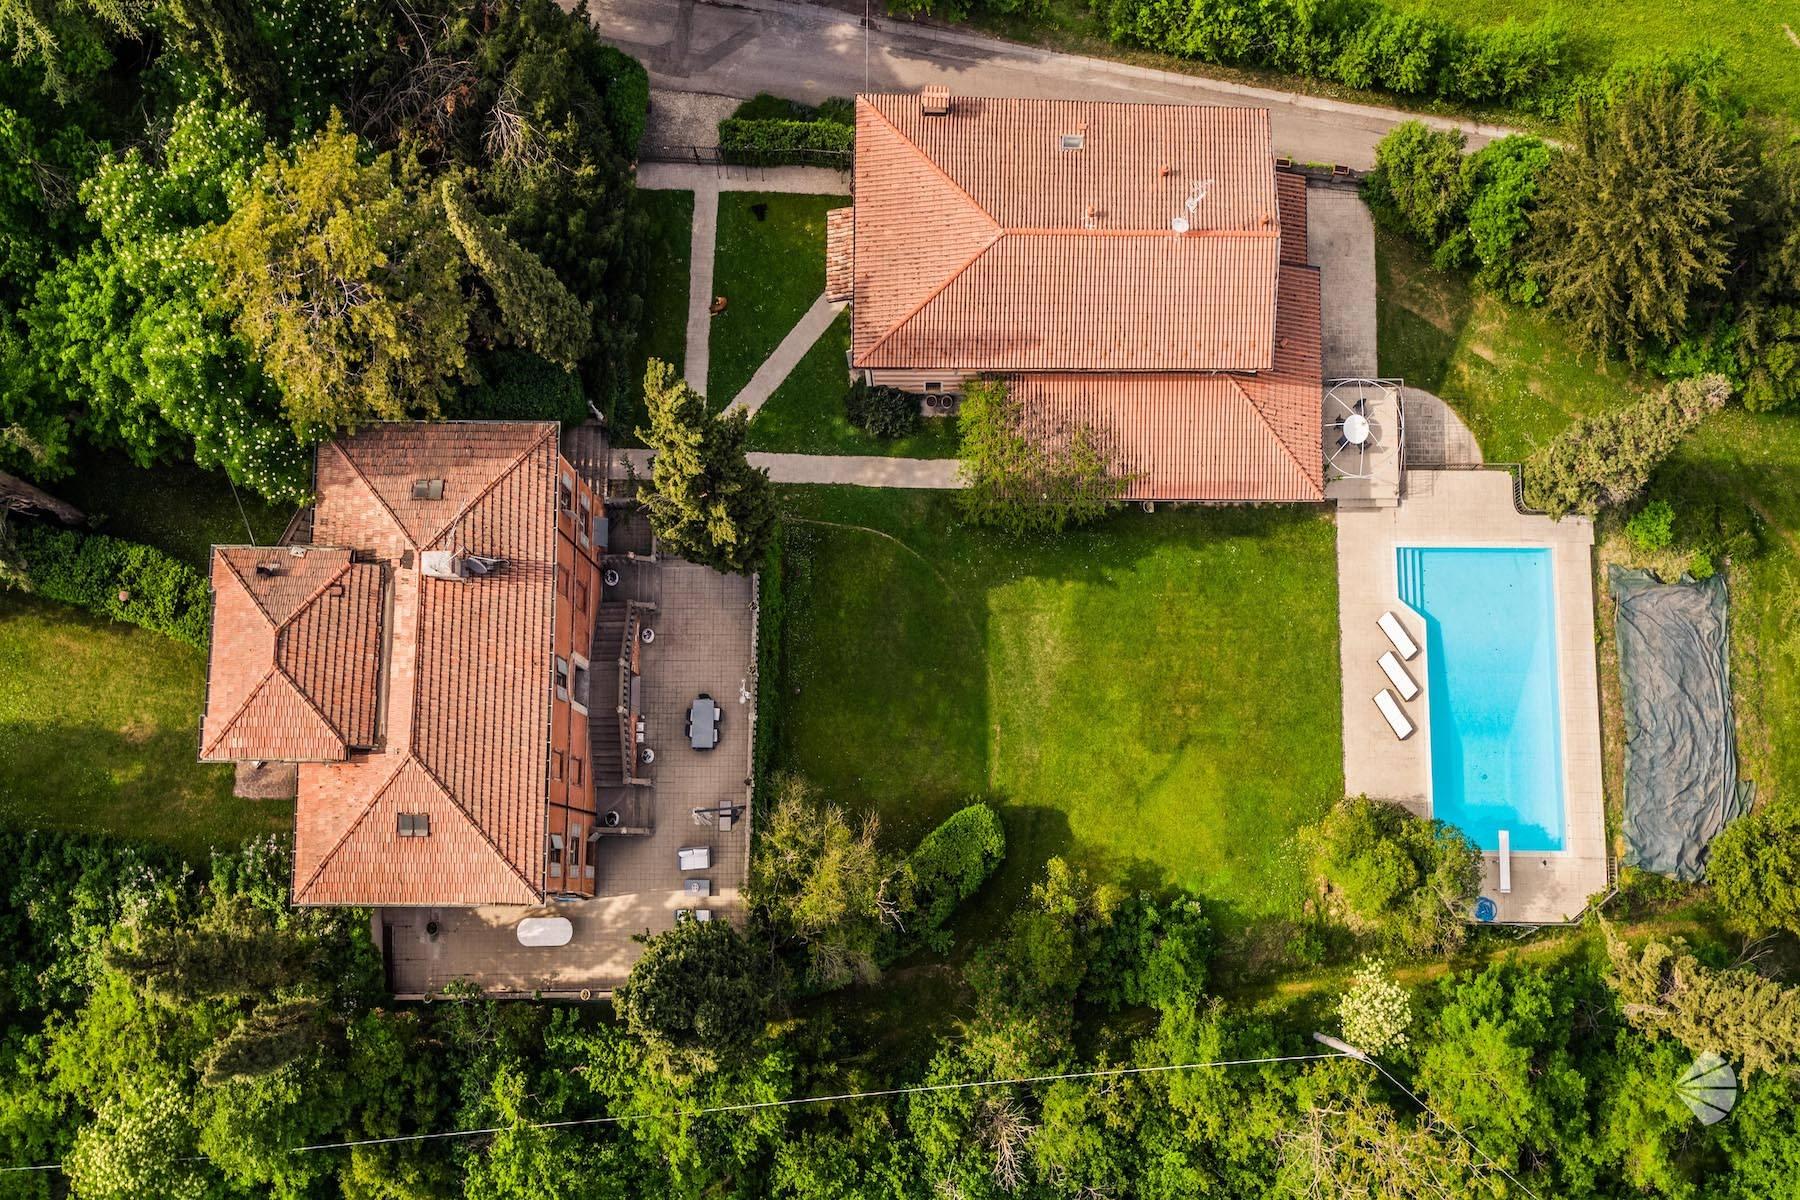 Villa in Vendita a Fiorano Modenese: 5 locali, 470 mq - Foto 20